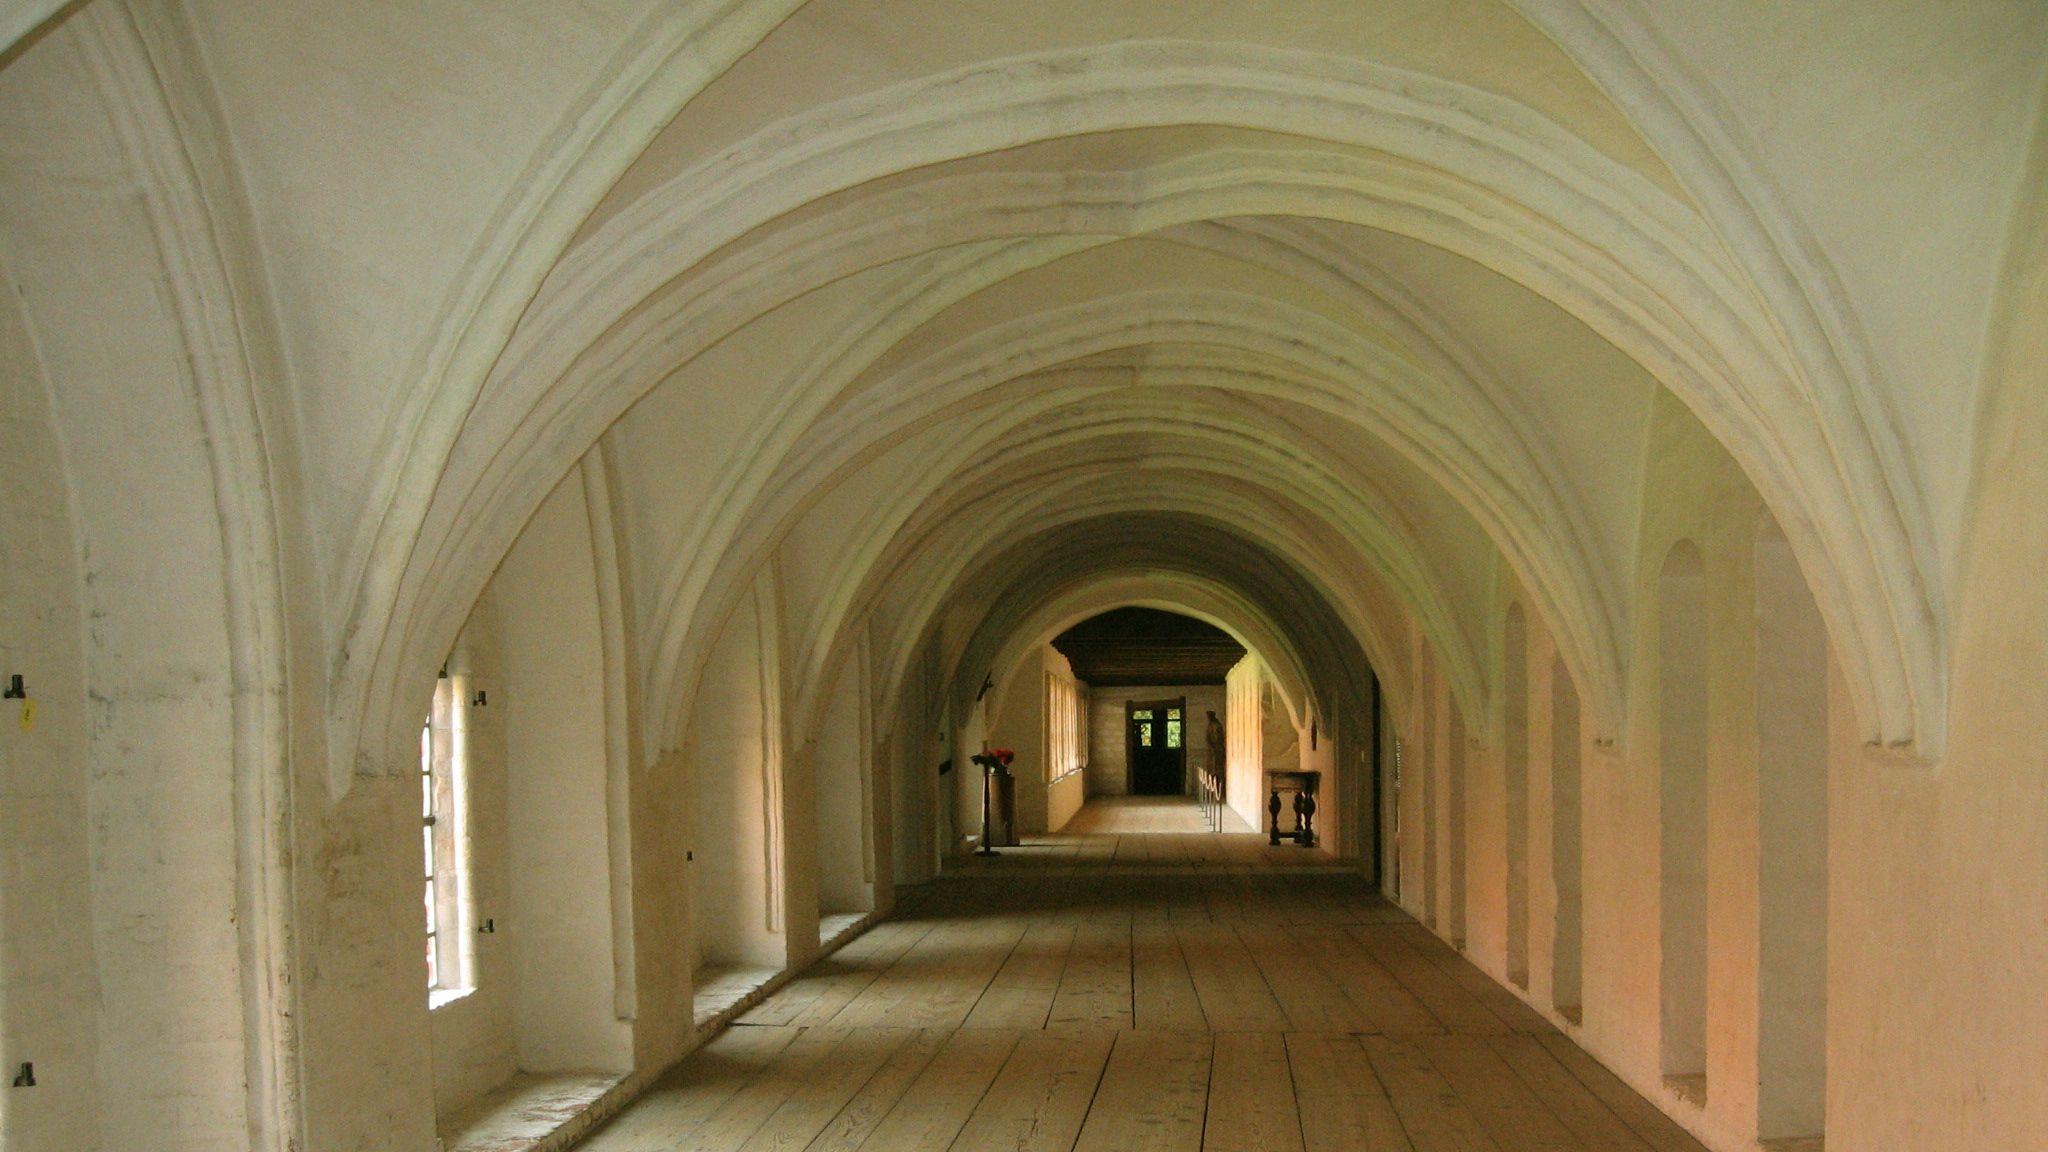 kloster-wienhausen-a-kloster-innenansicht-jpg